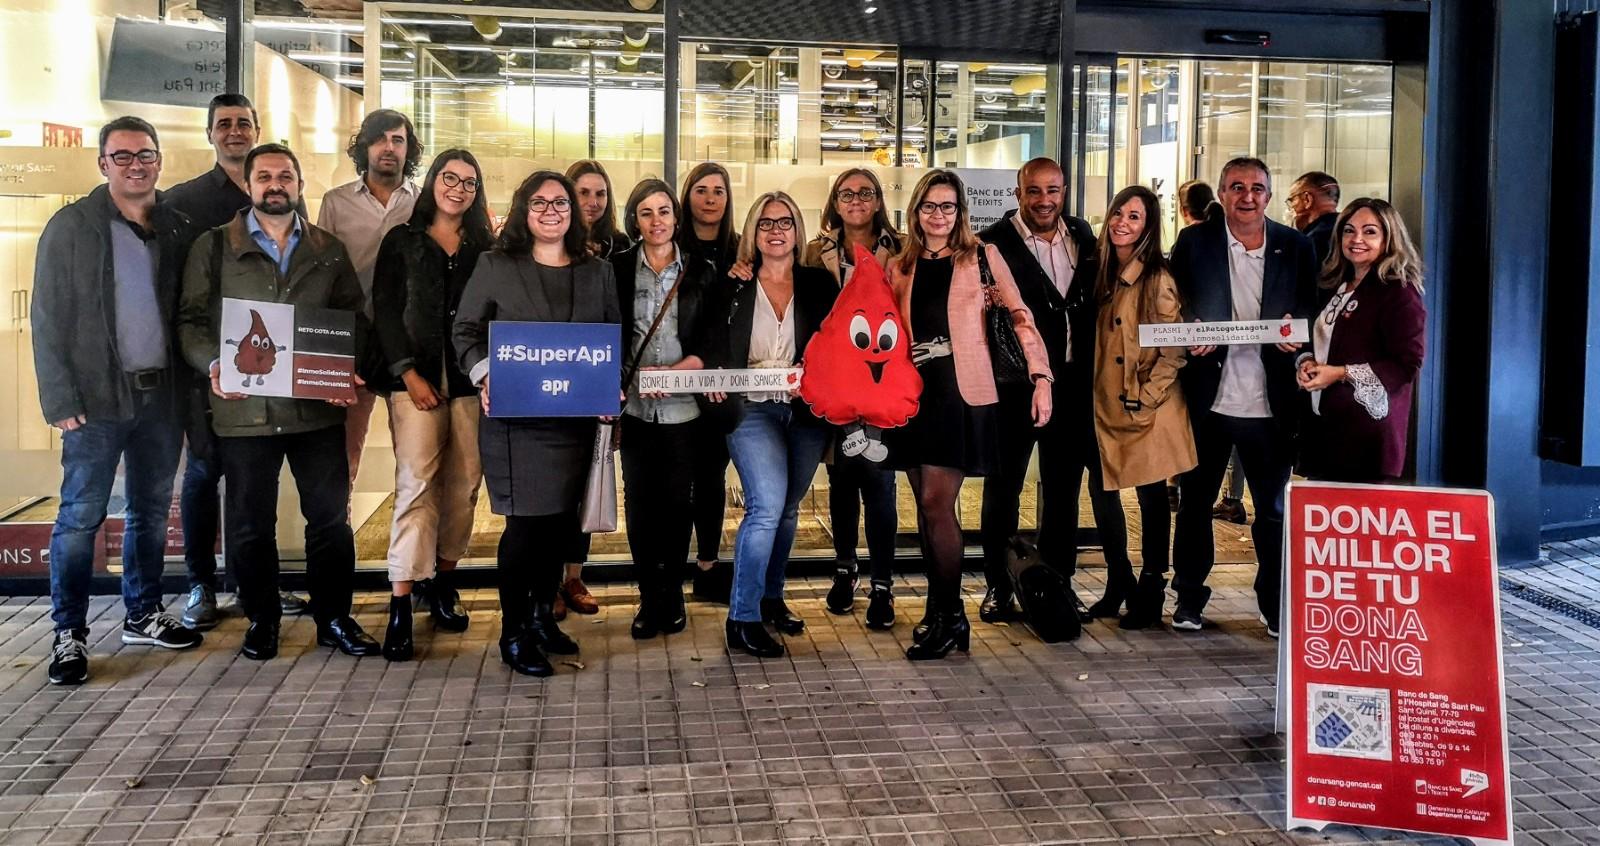 Equipo API donando sangre en el Banco de sangre del hospital de Sant Pau (Barcelona)